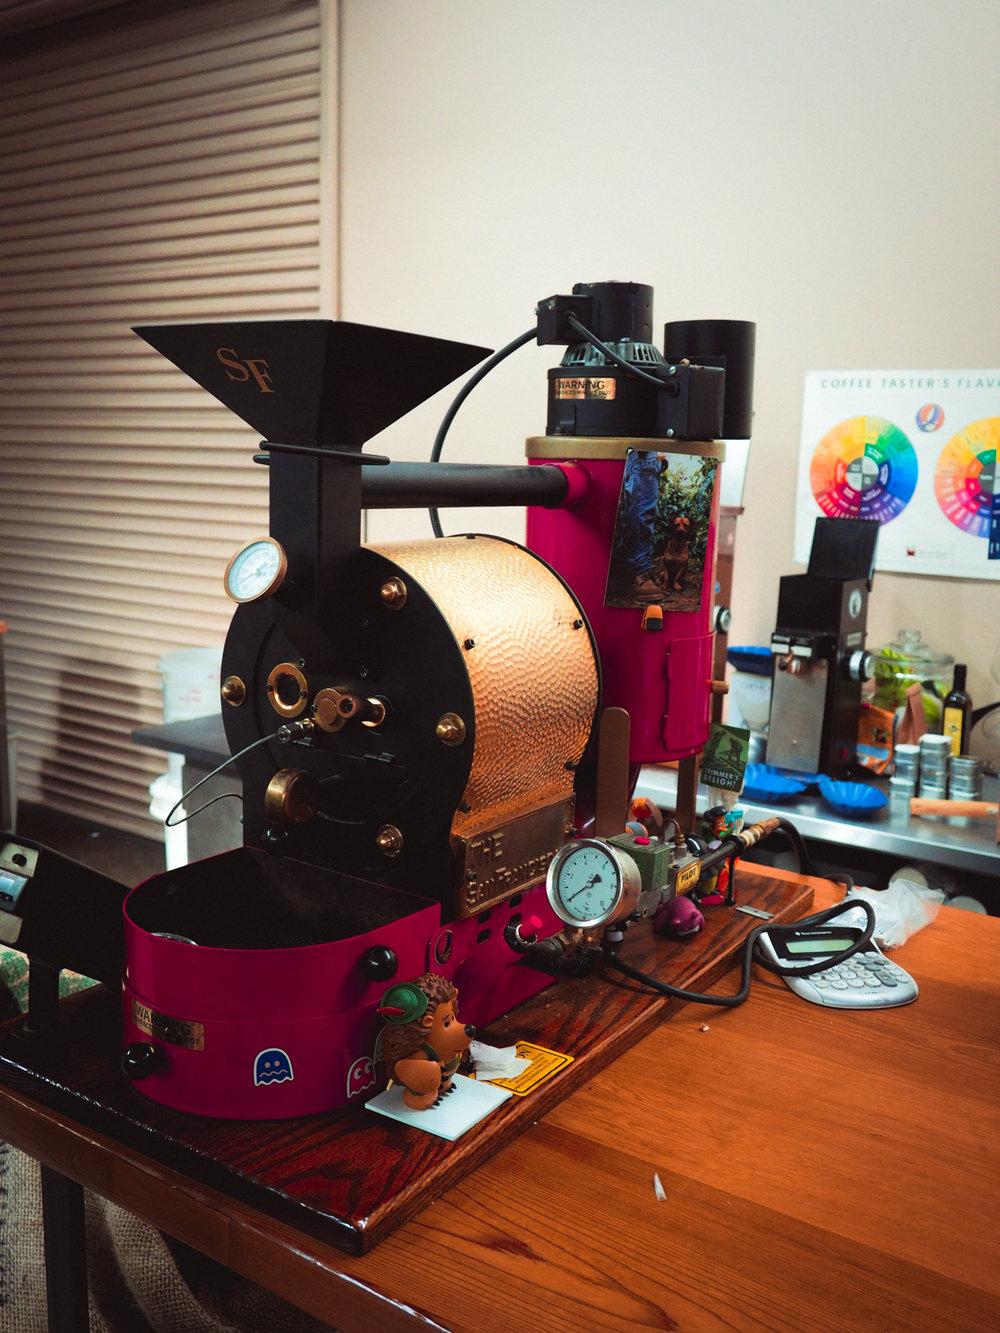 Northbound's San Franciscan 1LB sample roaster.